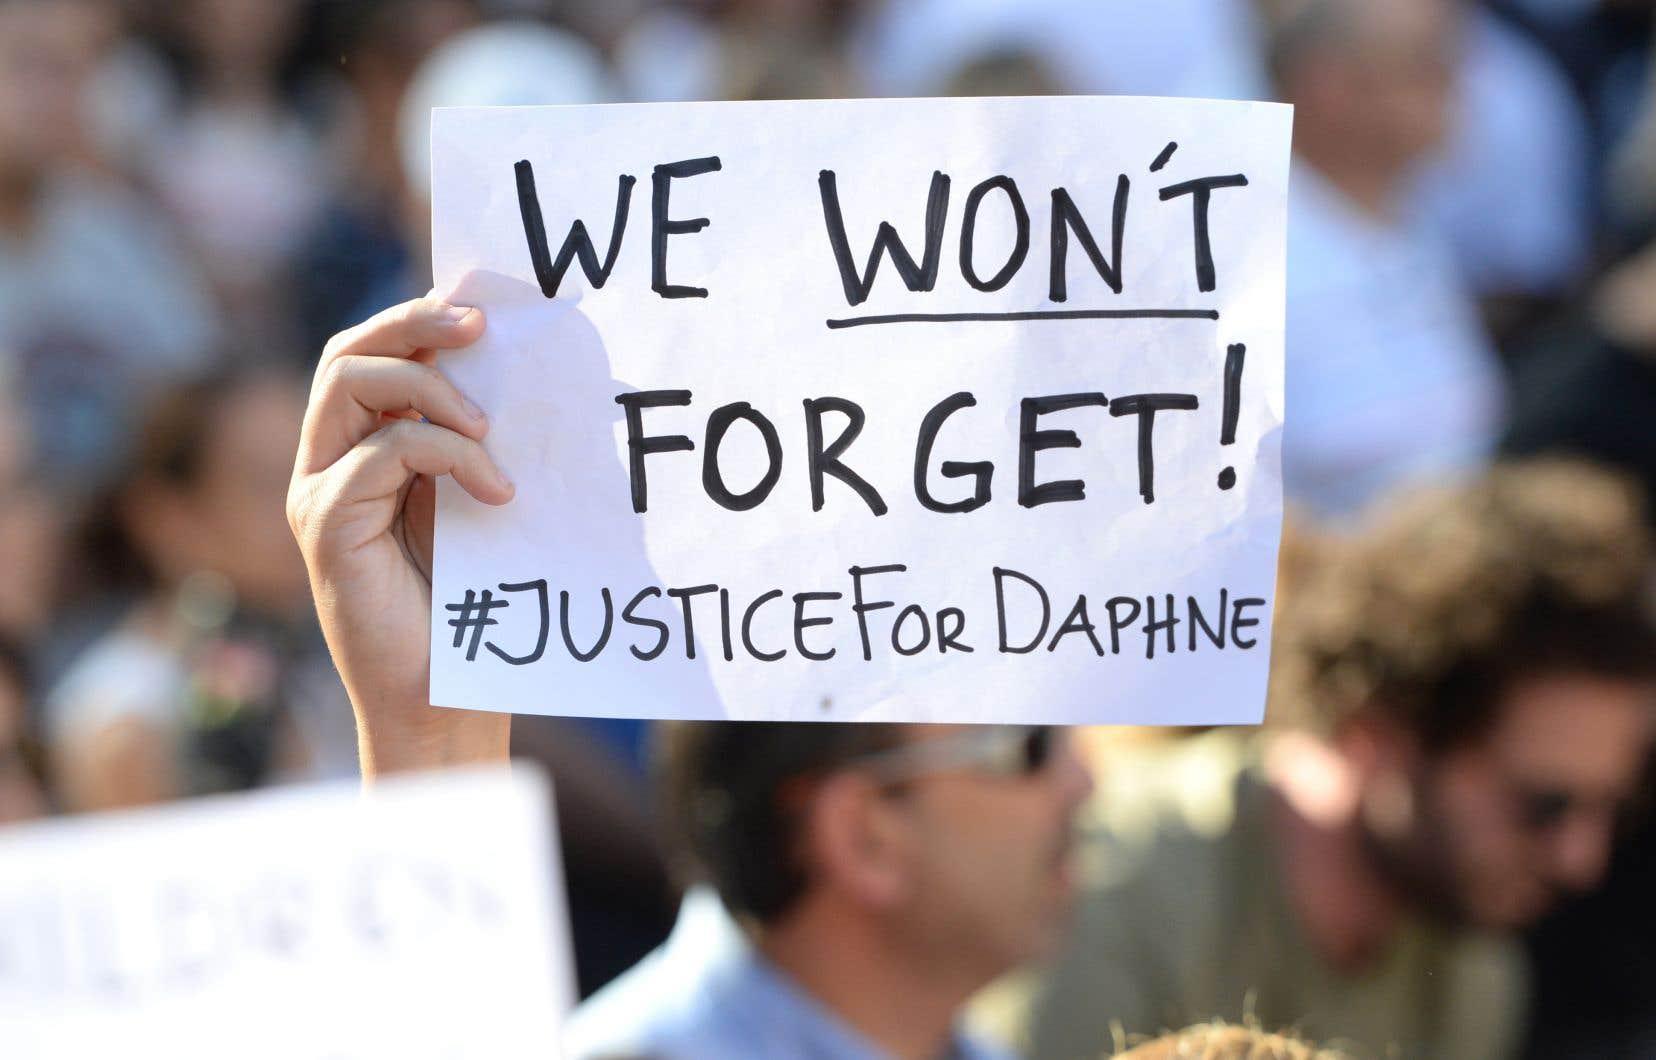 À Malte, les manifestations se sont succédé ces dernières semaines pour exprimer la méfiance envers les responsables judiciaires et policiers.